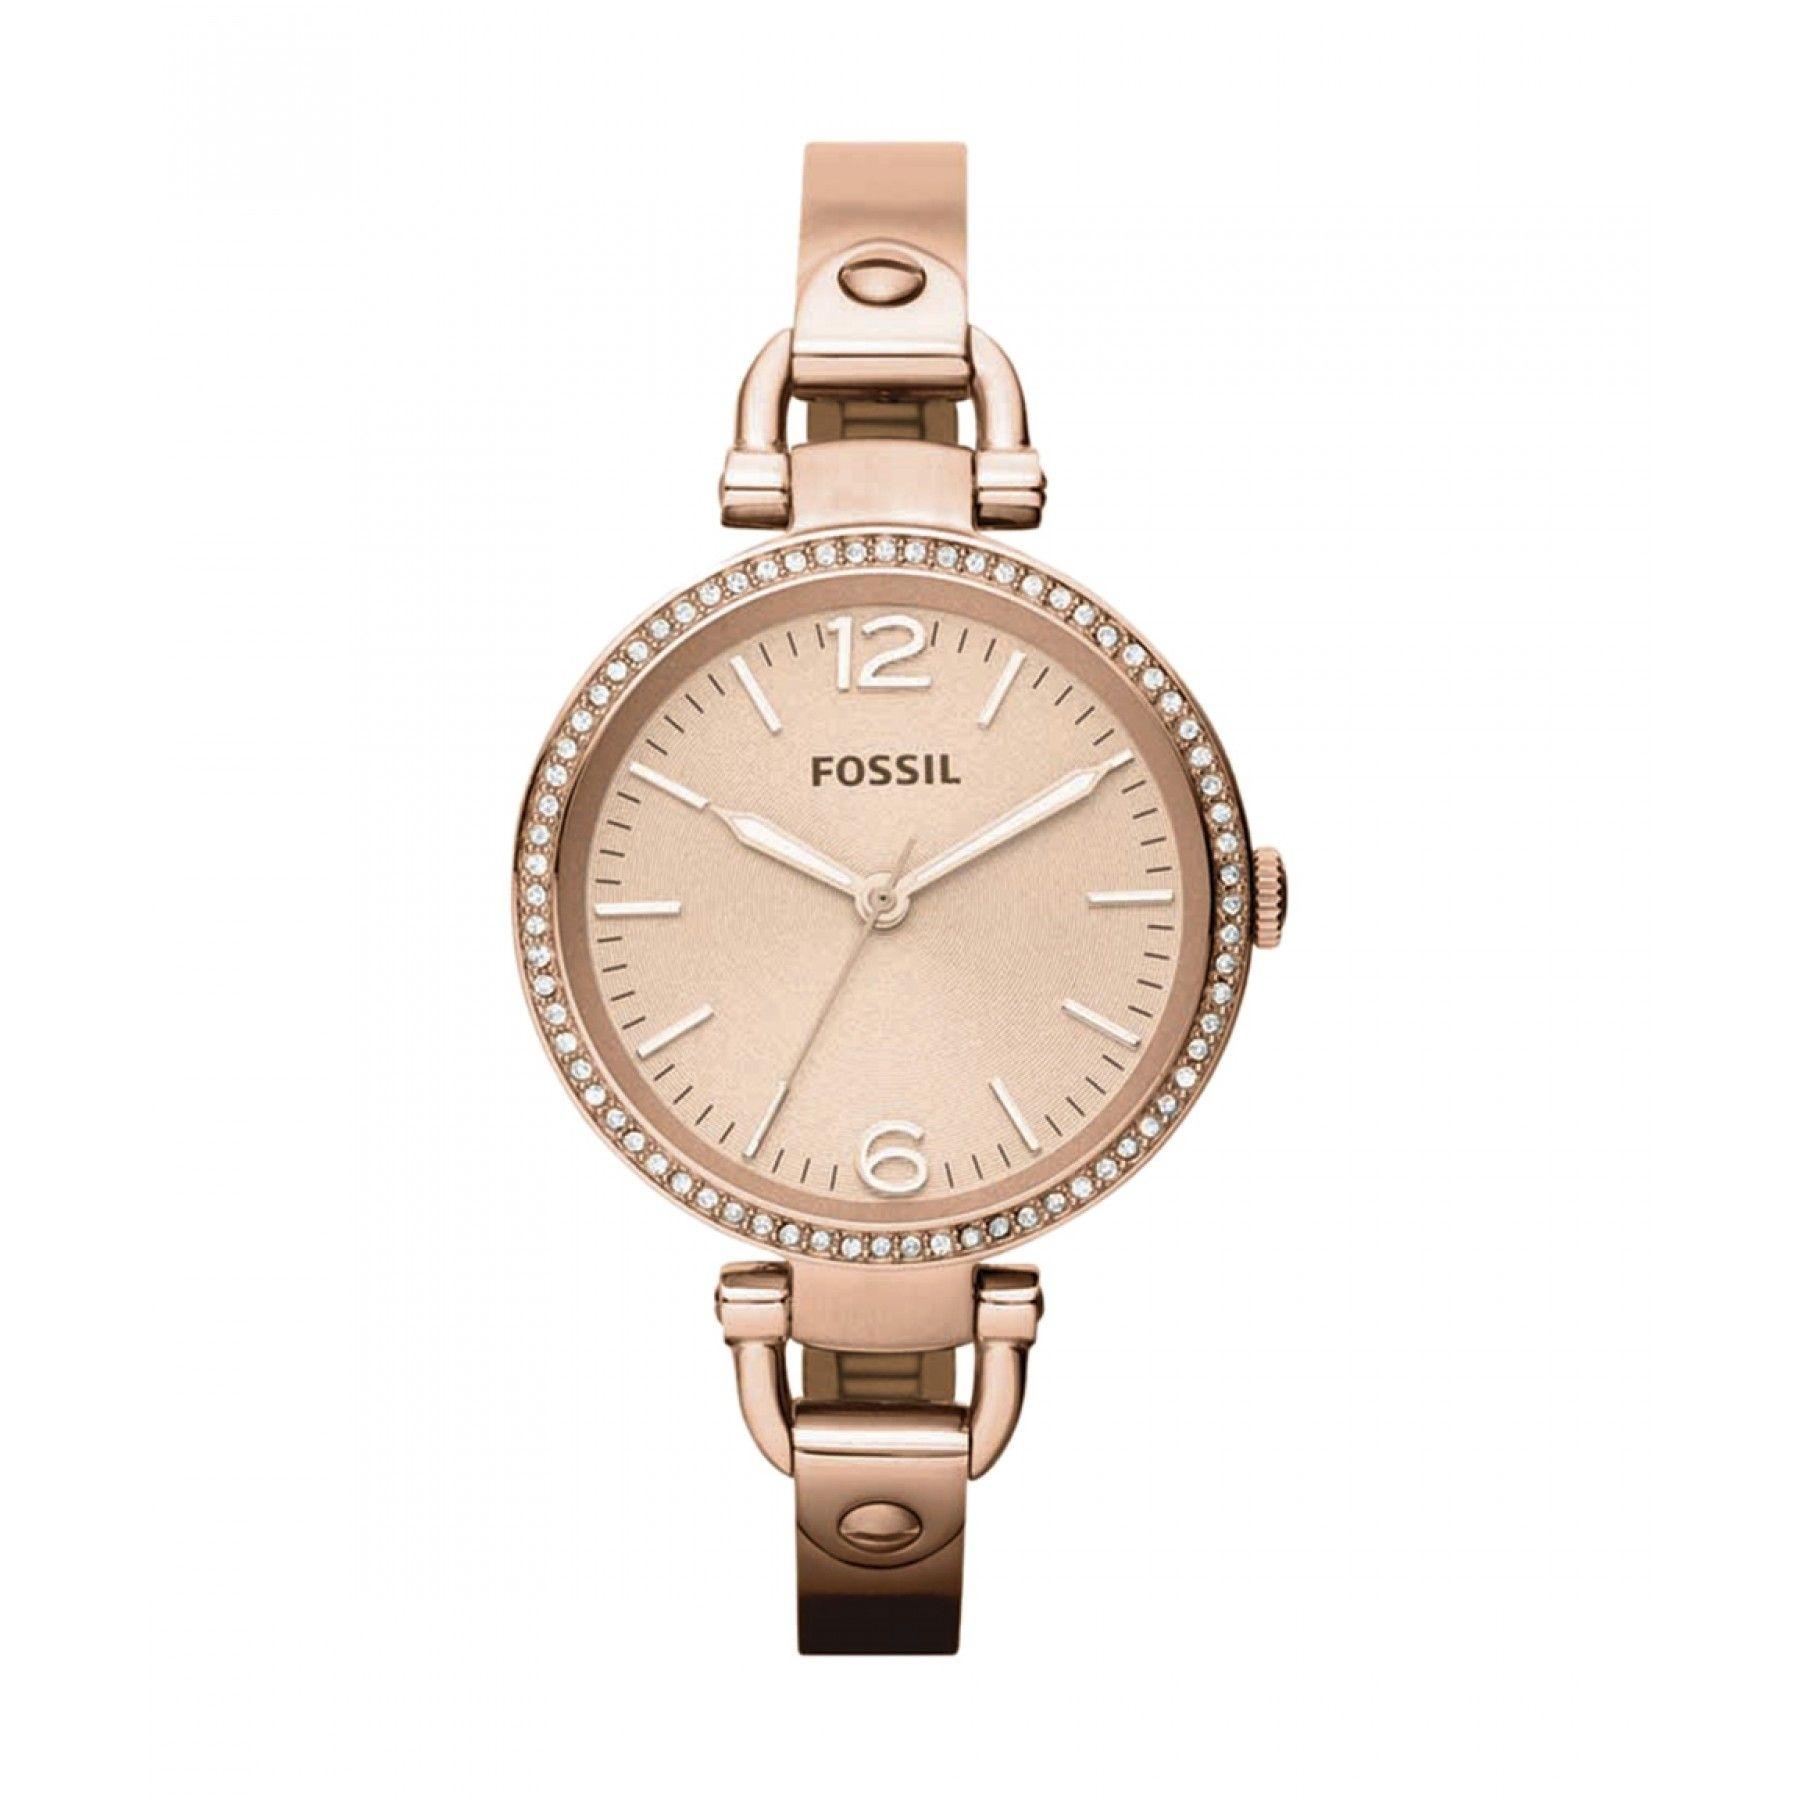 62c3fafb37ad Reloj para dama con caja y corona de acero inoxidable en tono oro rosado  bisel con incrustaciones en finos cristales.